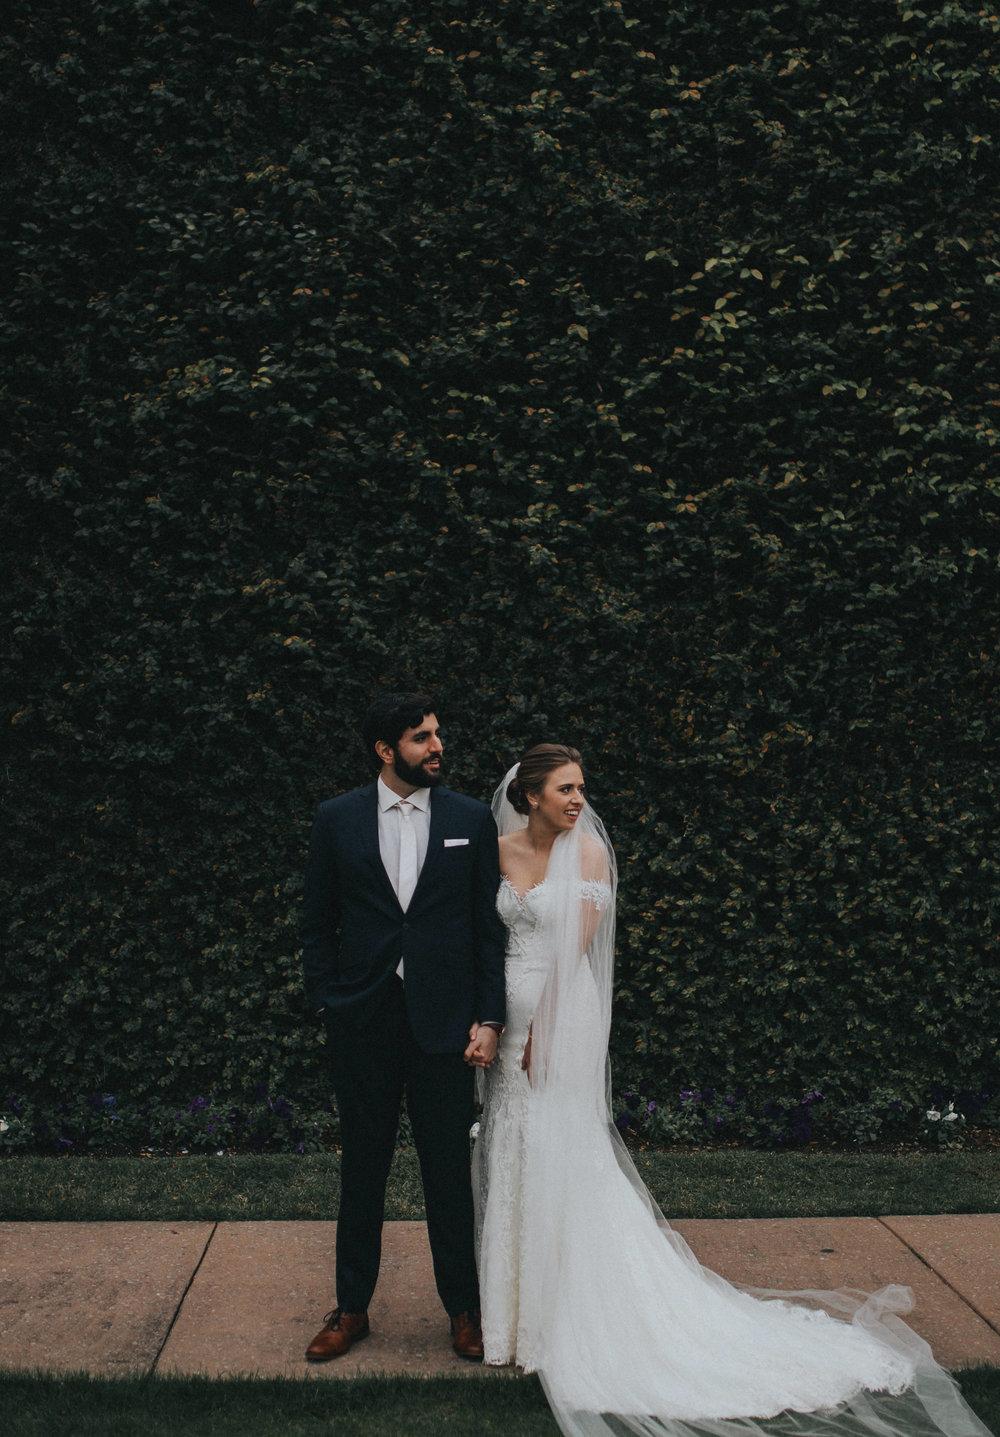 Gorgeous couple on their wedding day